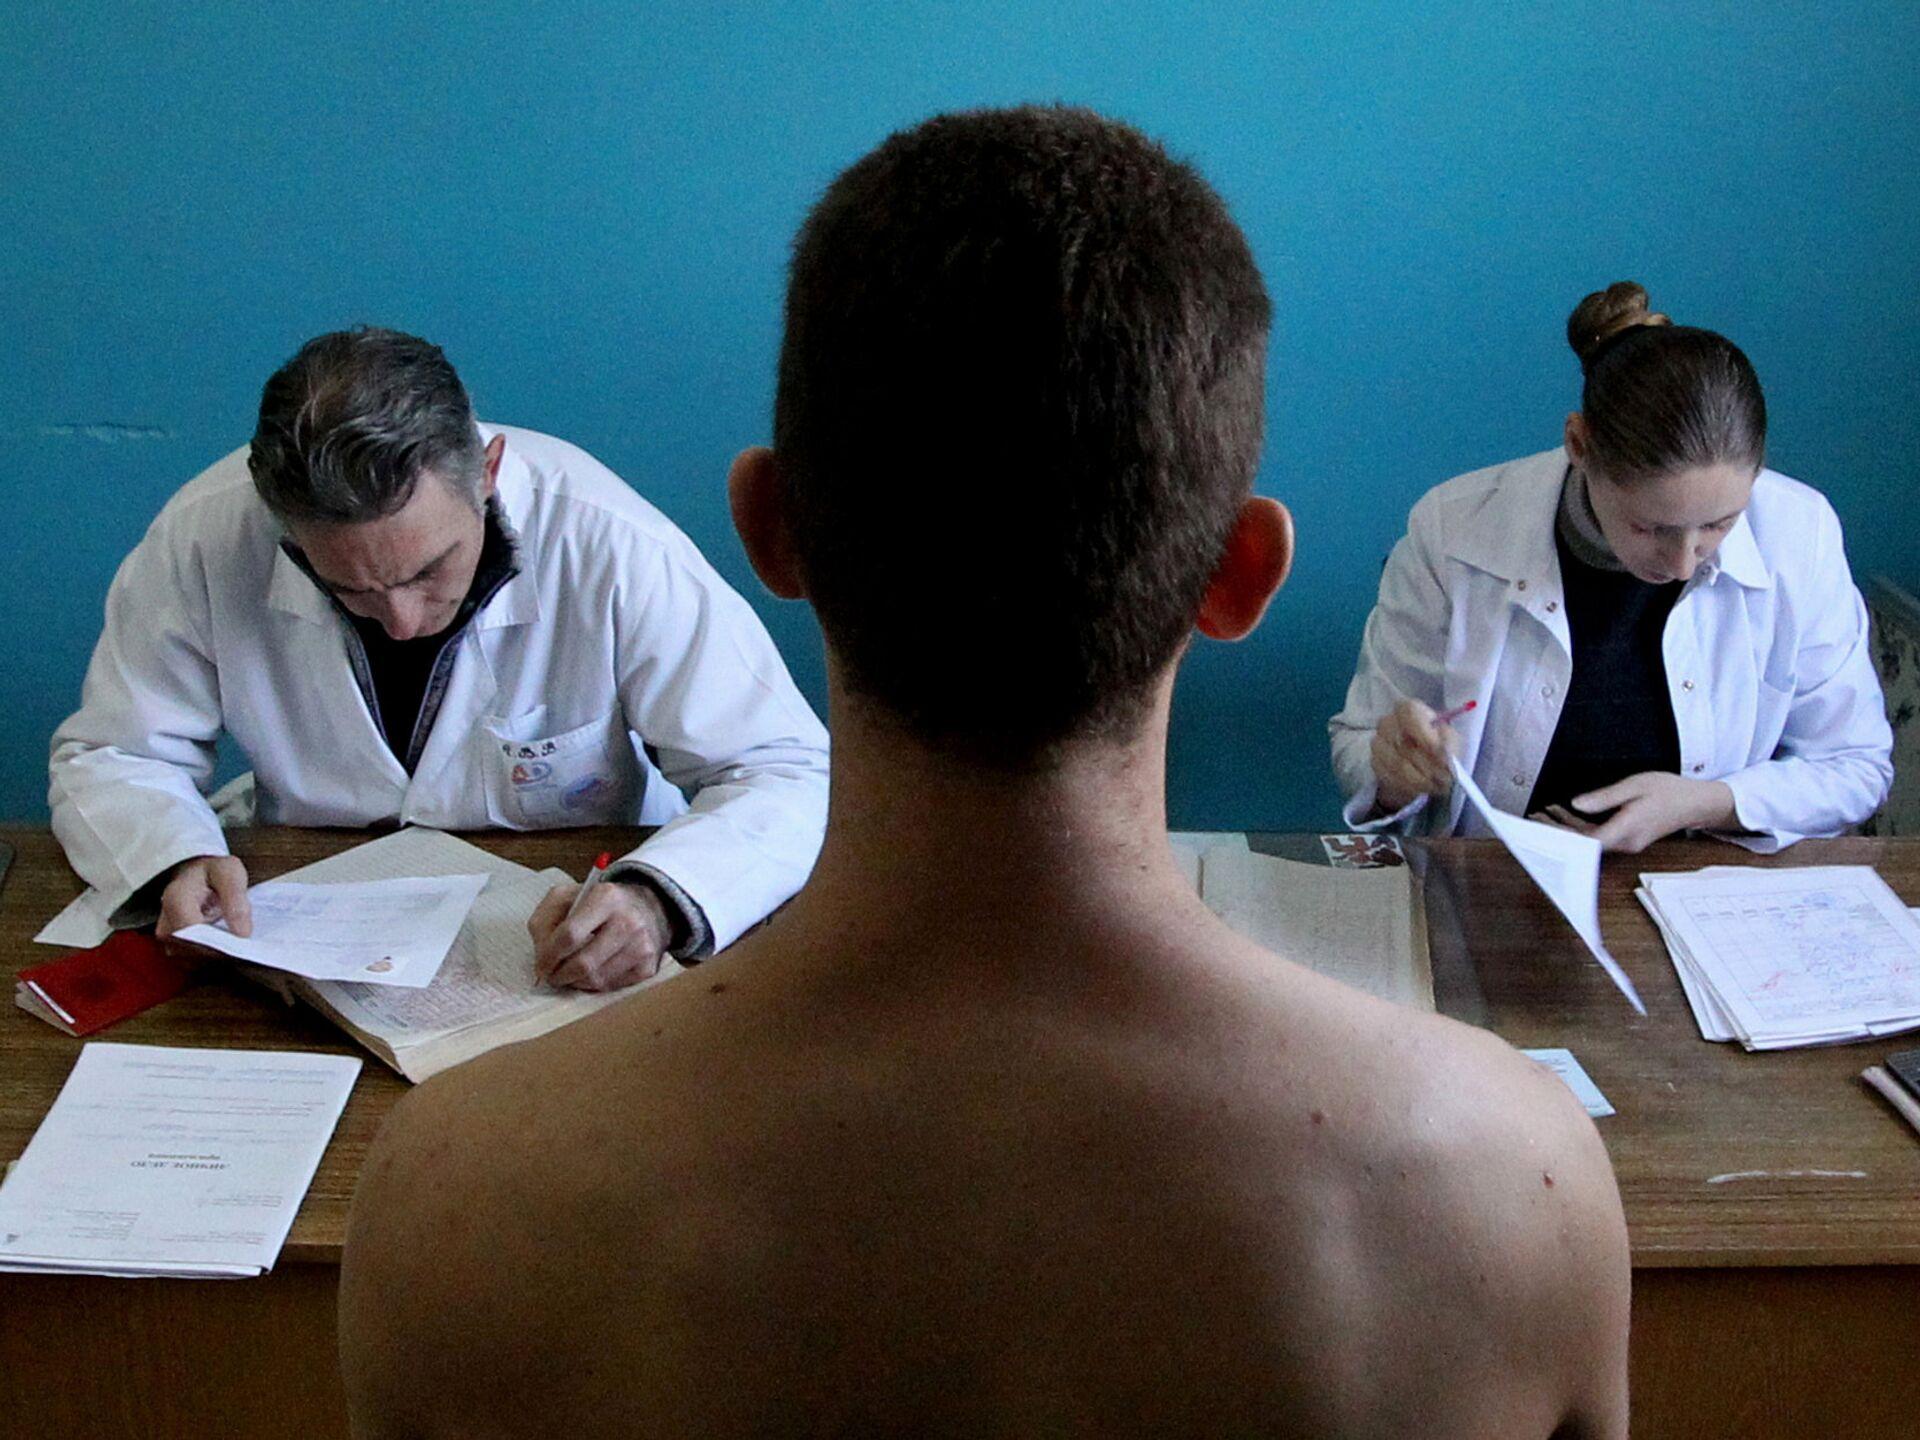 Какие проблемы со здоровьем являются противопоказанием к службе в армии в России